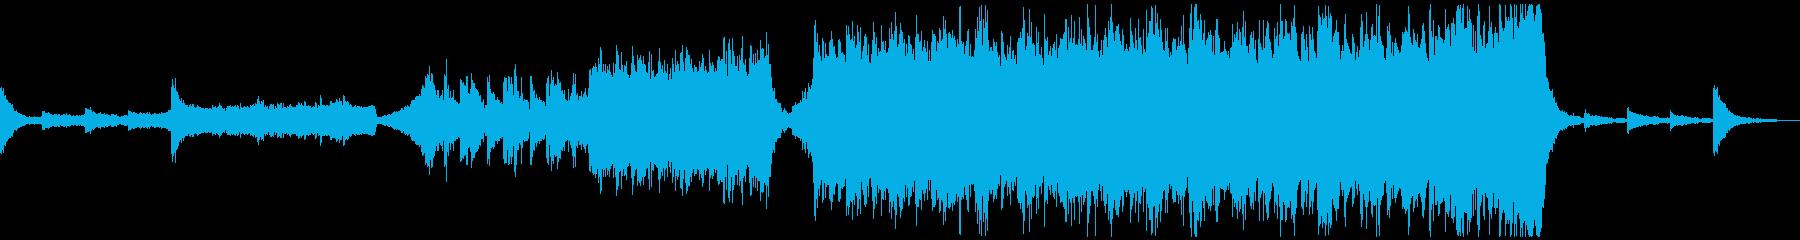 バトルトレーラーの再生済みの波形